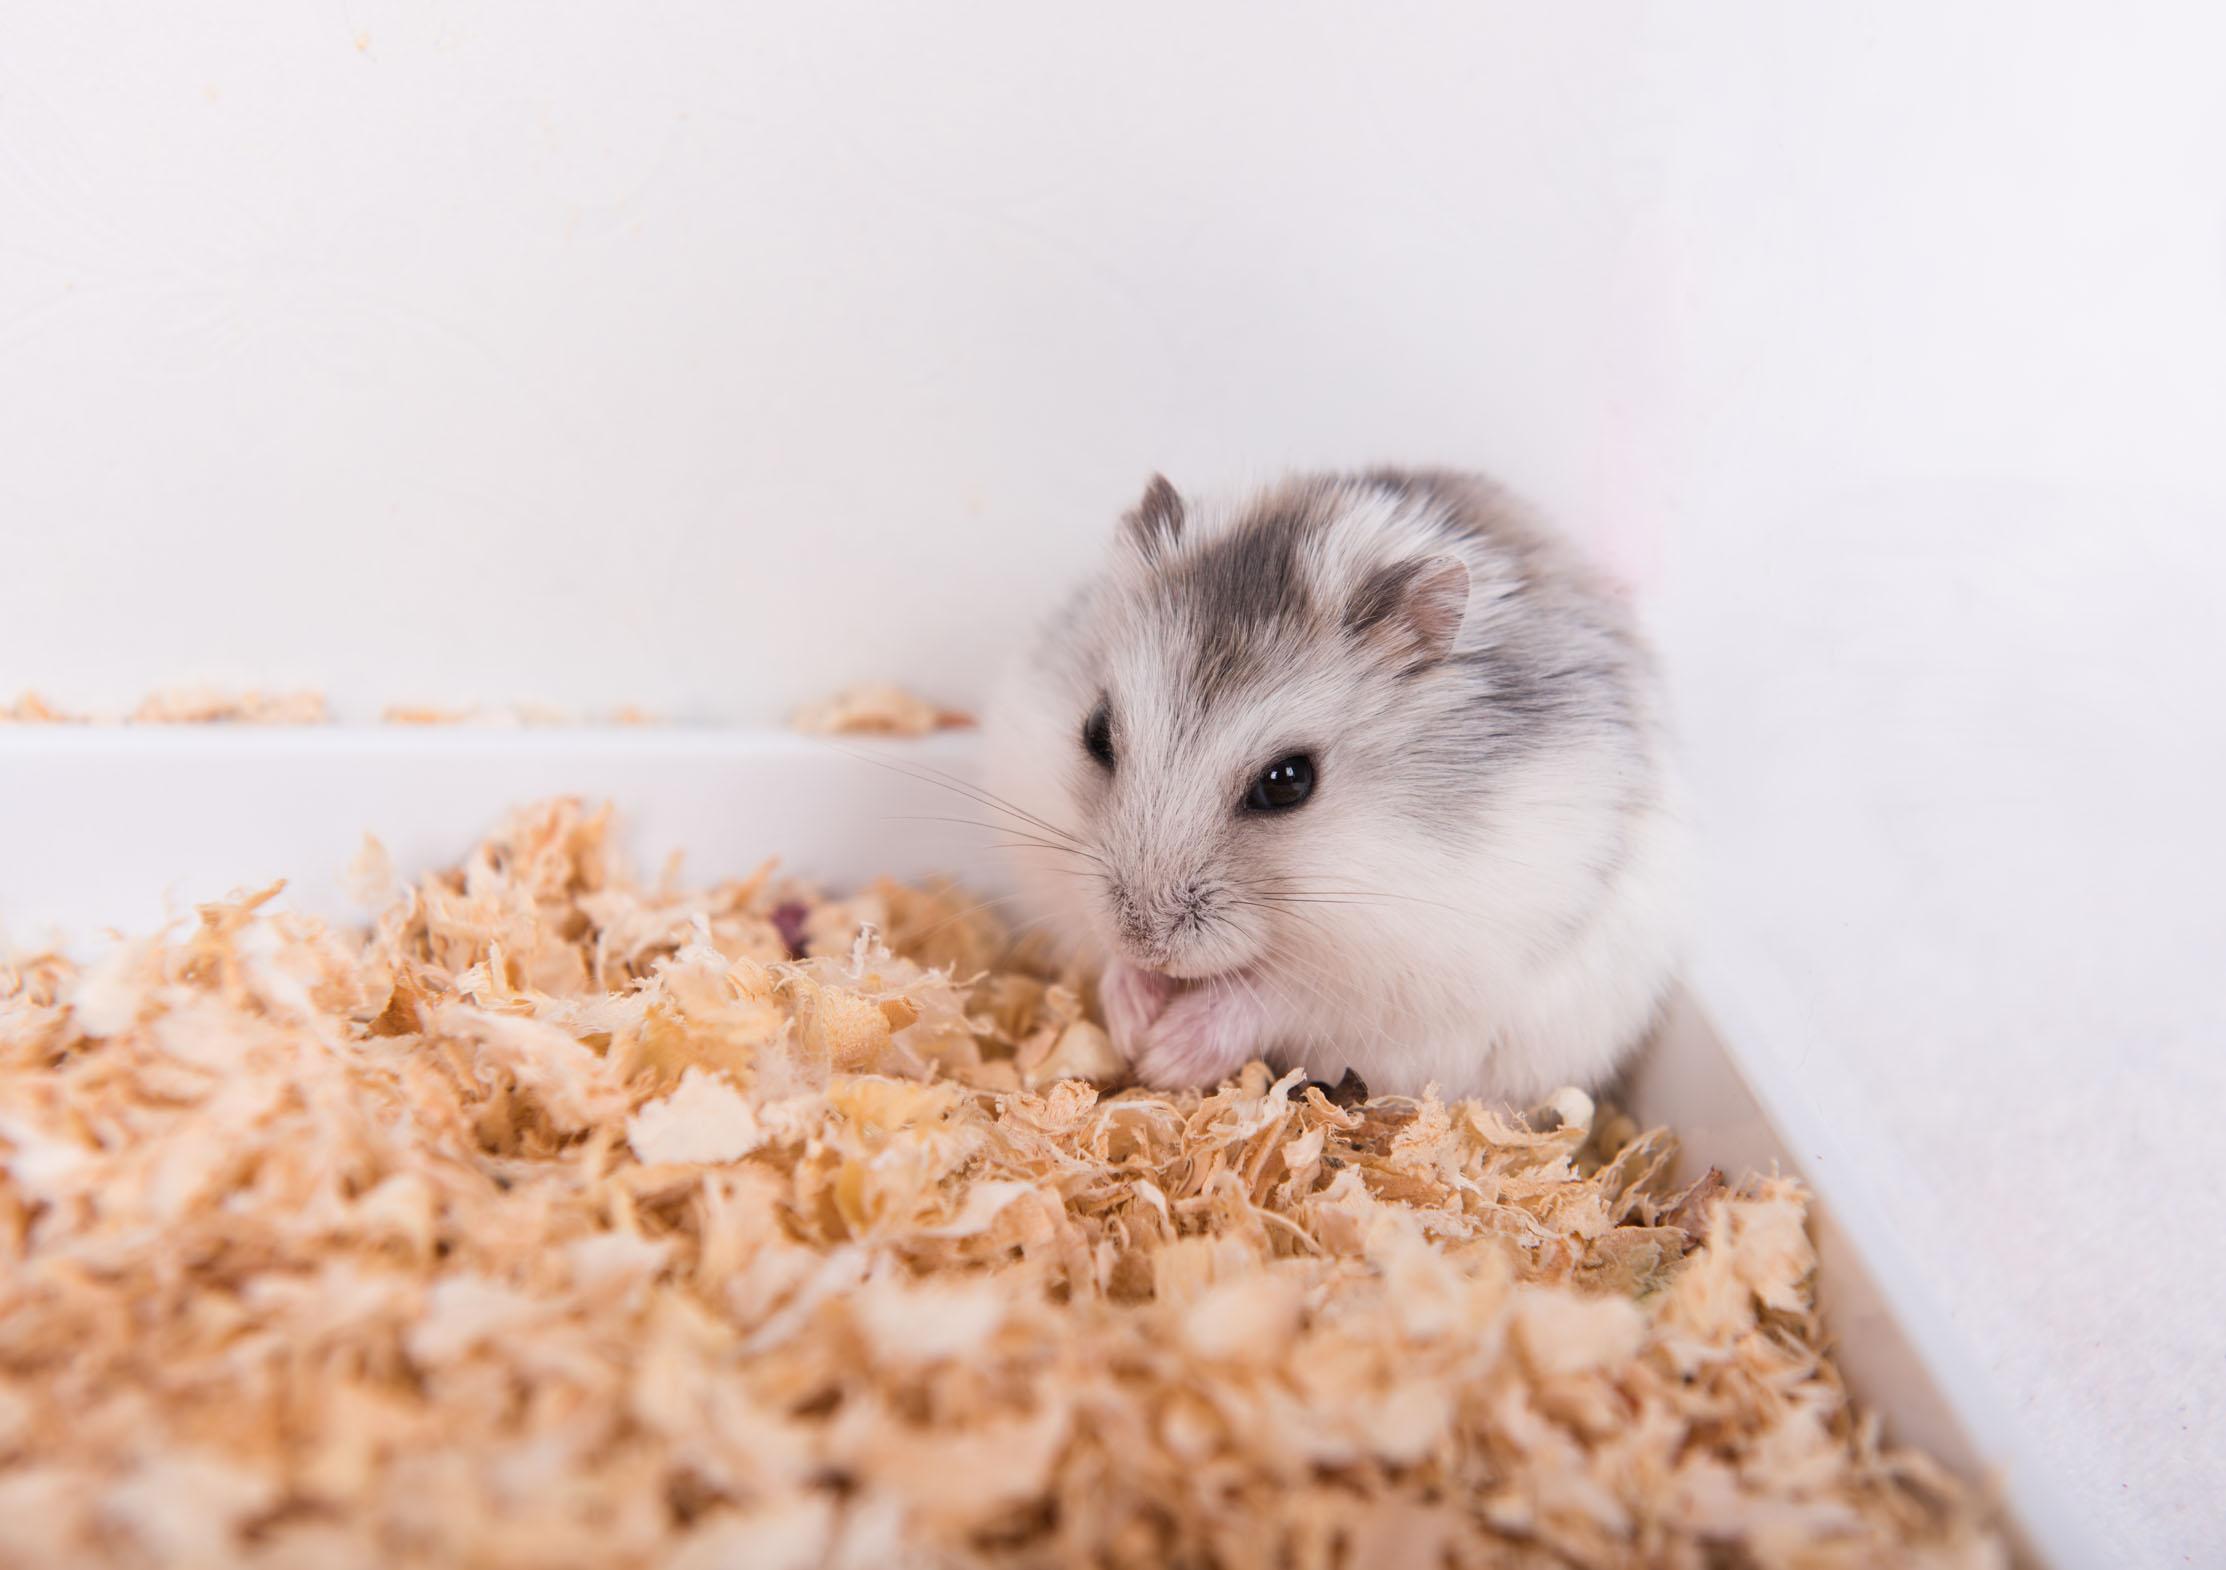 十鼠九苦哪个月份最苦鼠年几月份命最苦